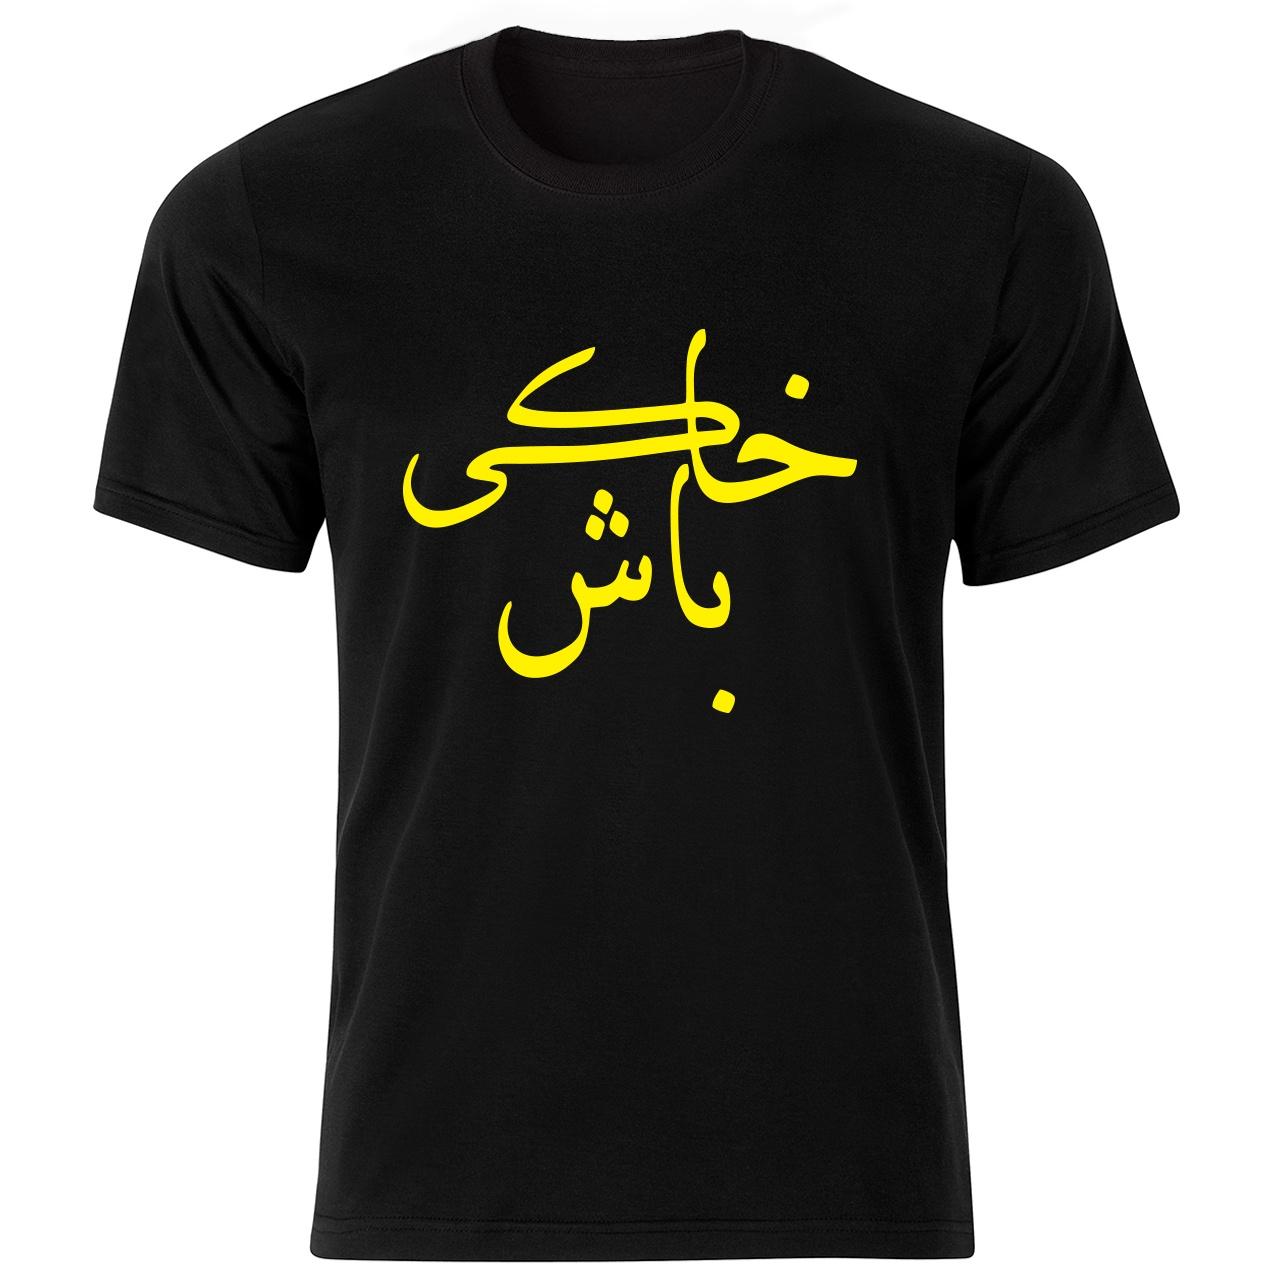 تی شرت آستین کوتاه مردانه شین دیزاین طرح خاکی باش کد 4707 Y